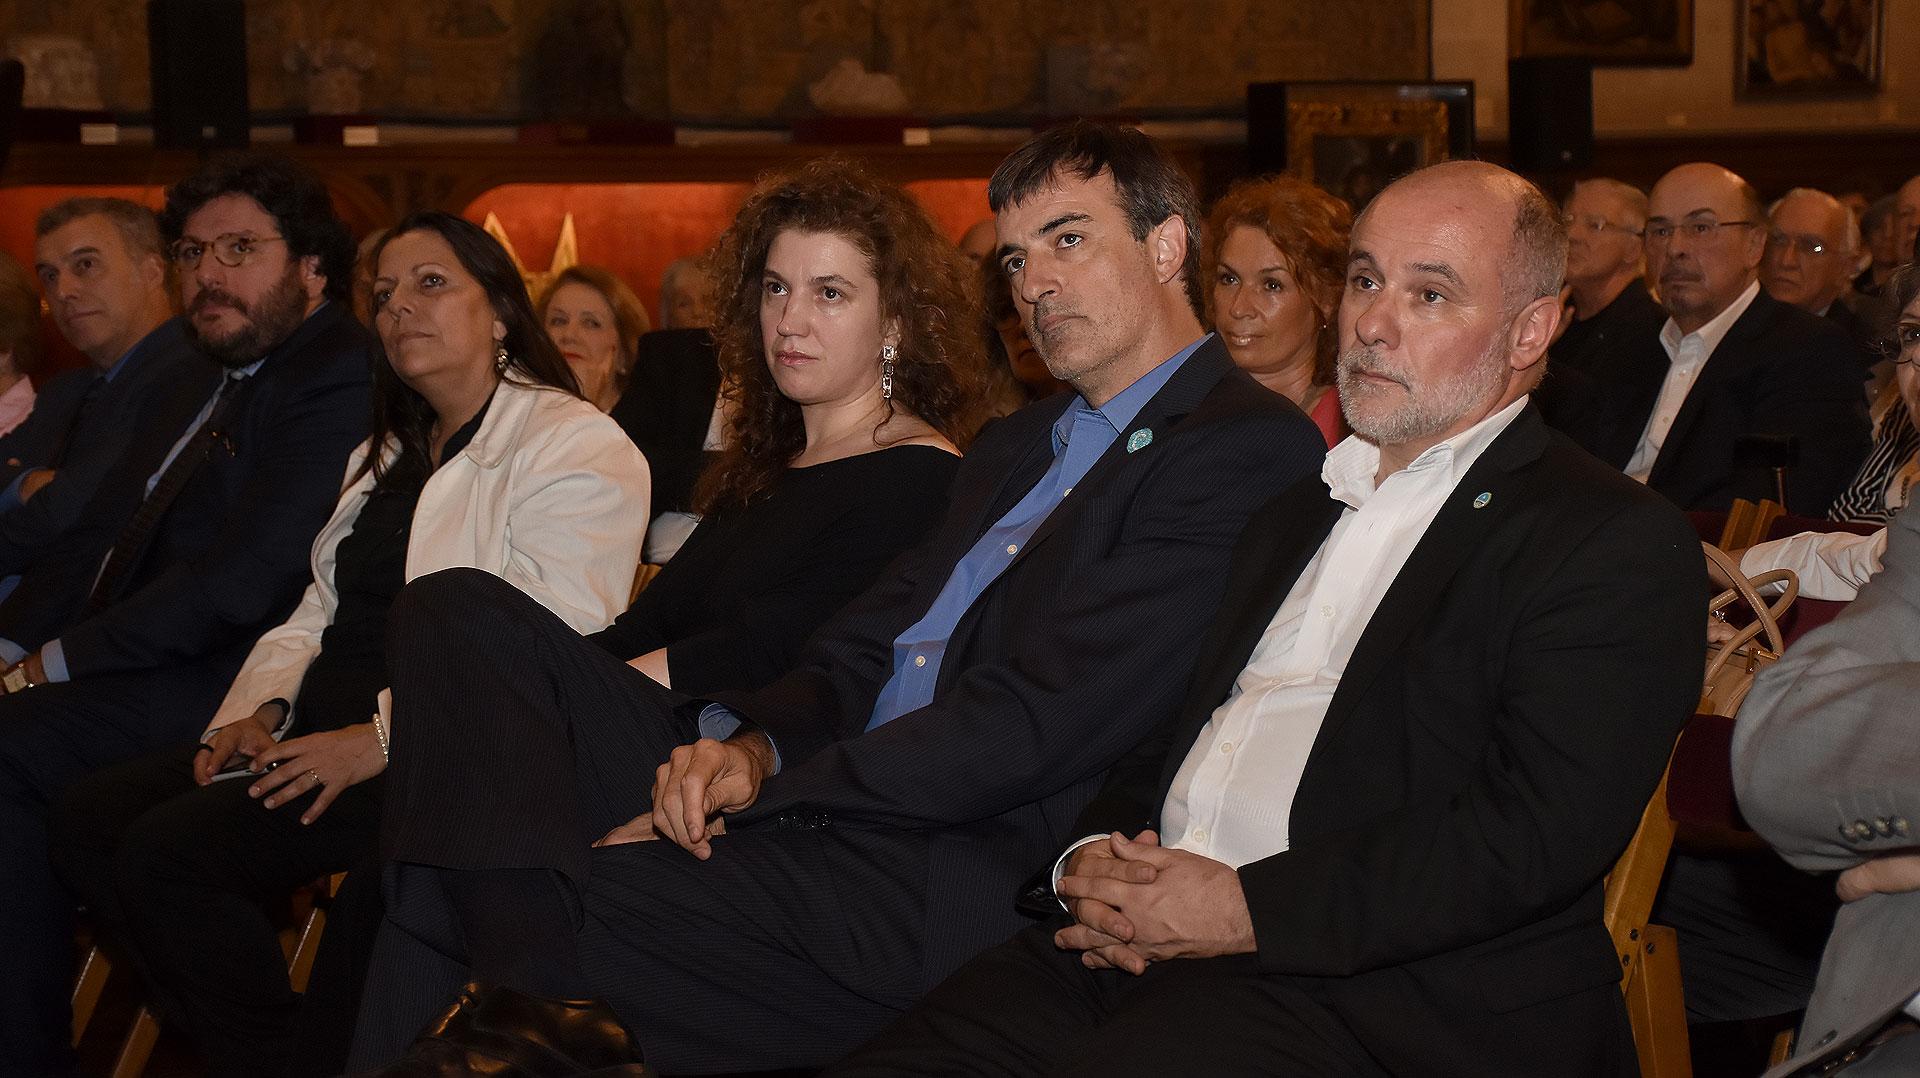 Durante los varios minutos que duró el discurso, todos escucharon las palabras de Fernández Díaz muy atentamente